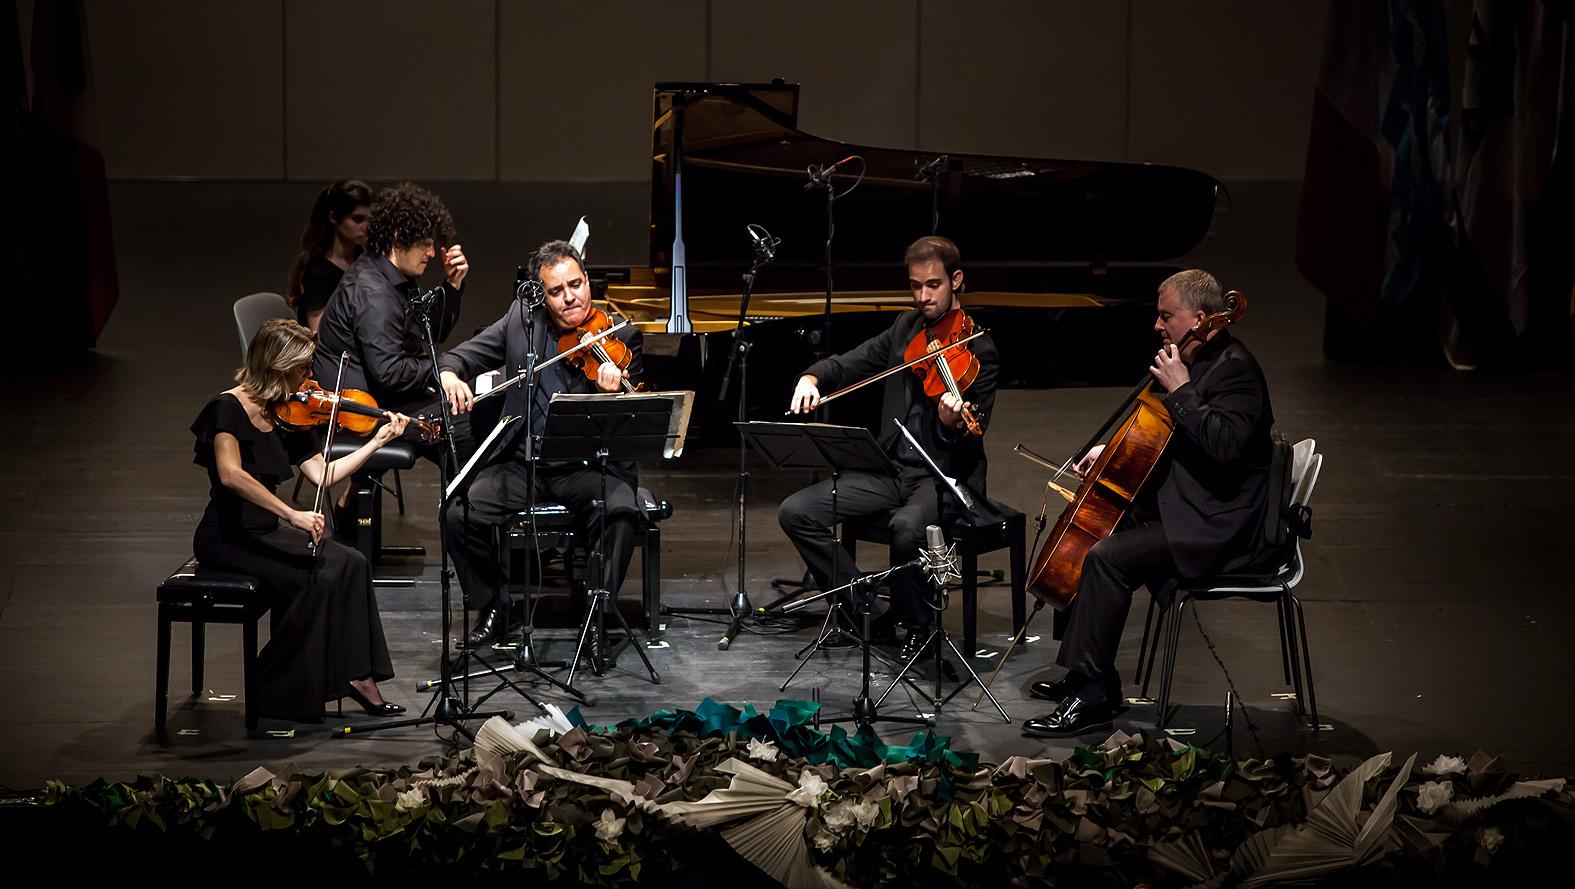 Carlos de la Blanca Elorza / España / En la semifinal con el Cuarteto Bretón